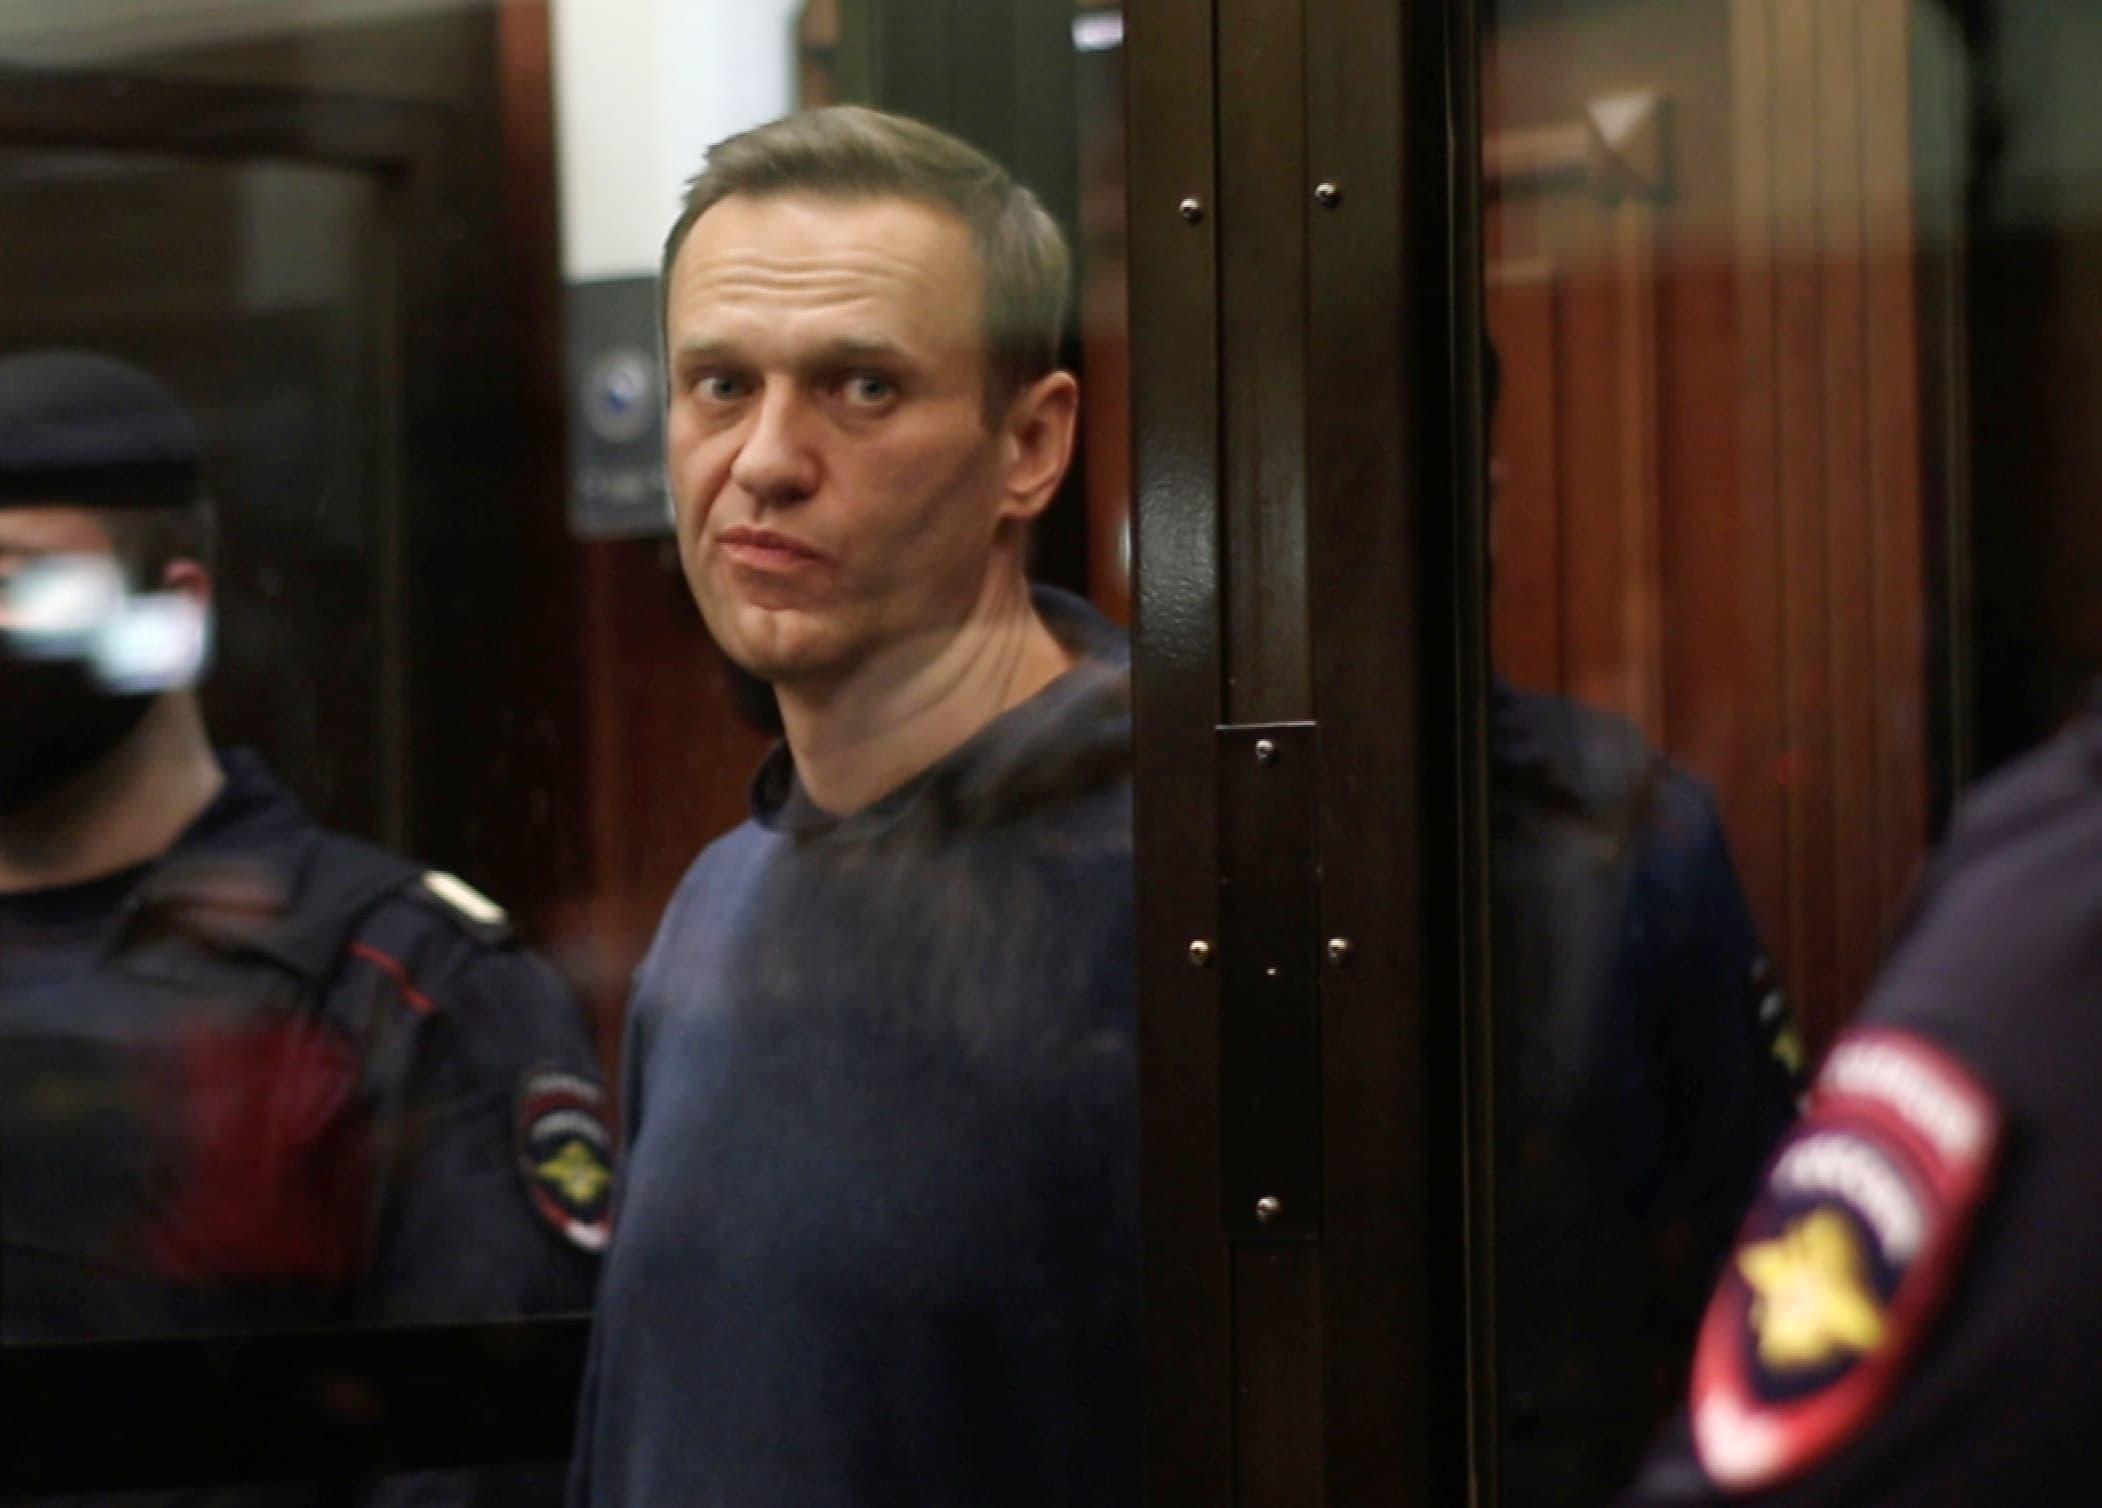 U.S. disturbed over Kremlin critic Navalny's deteriorating health